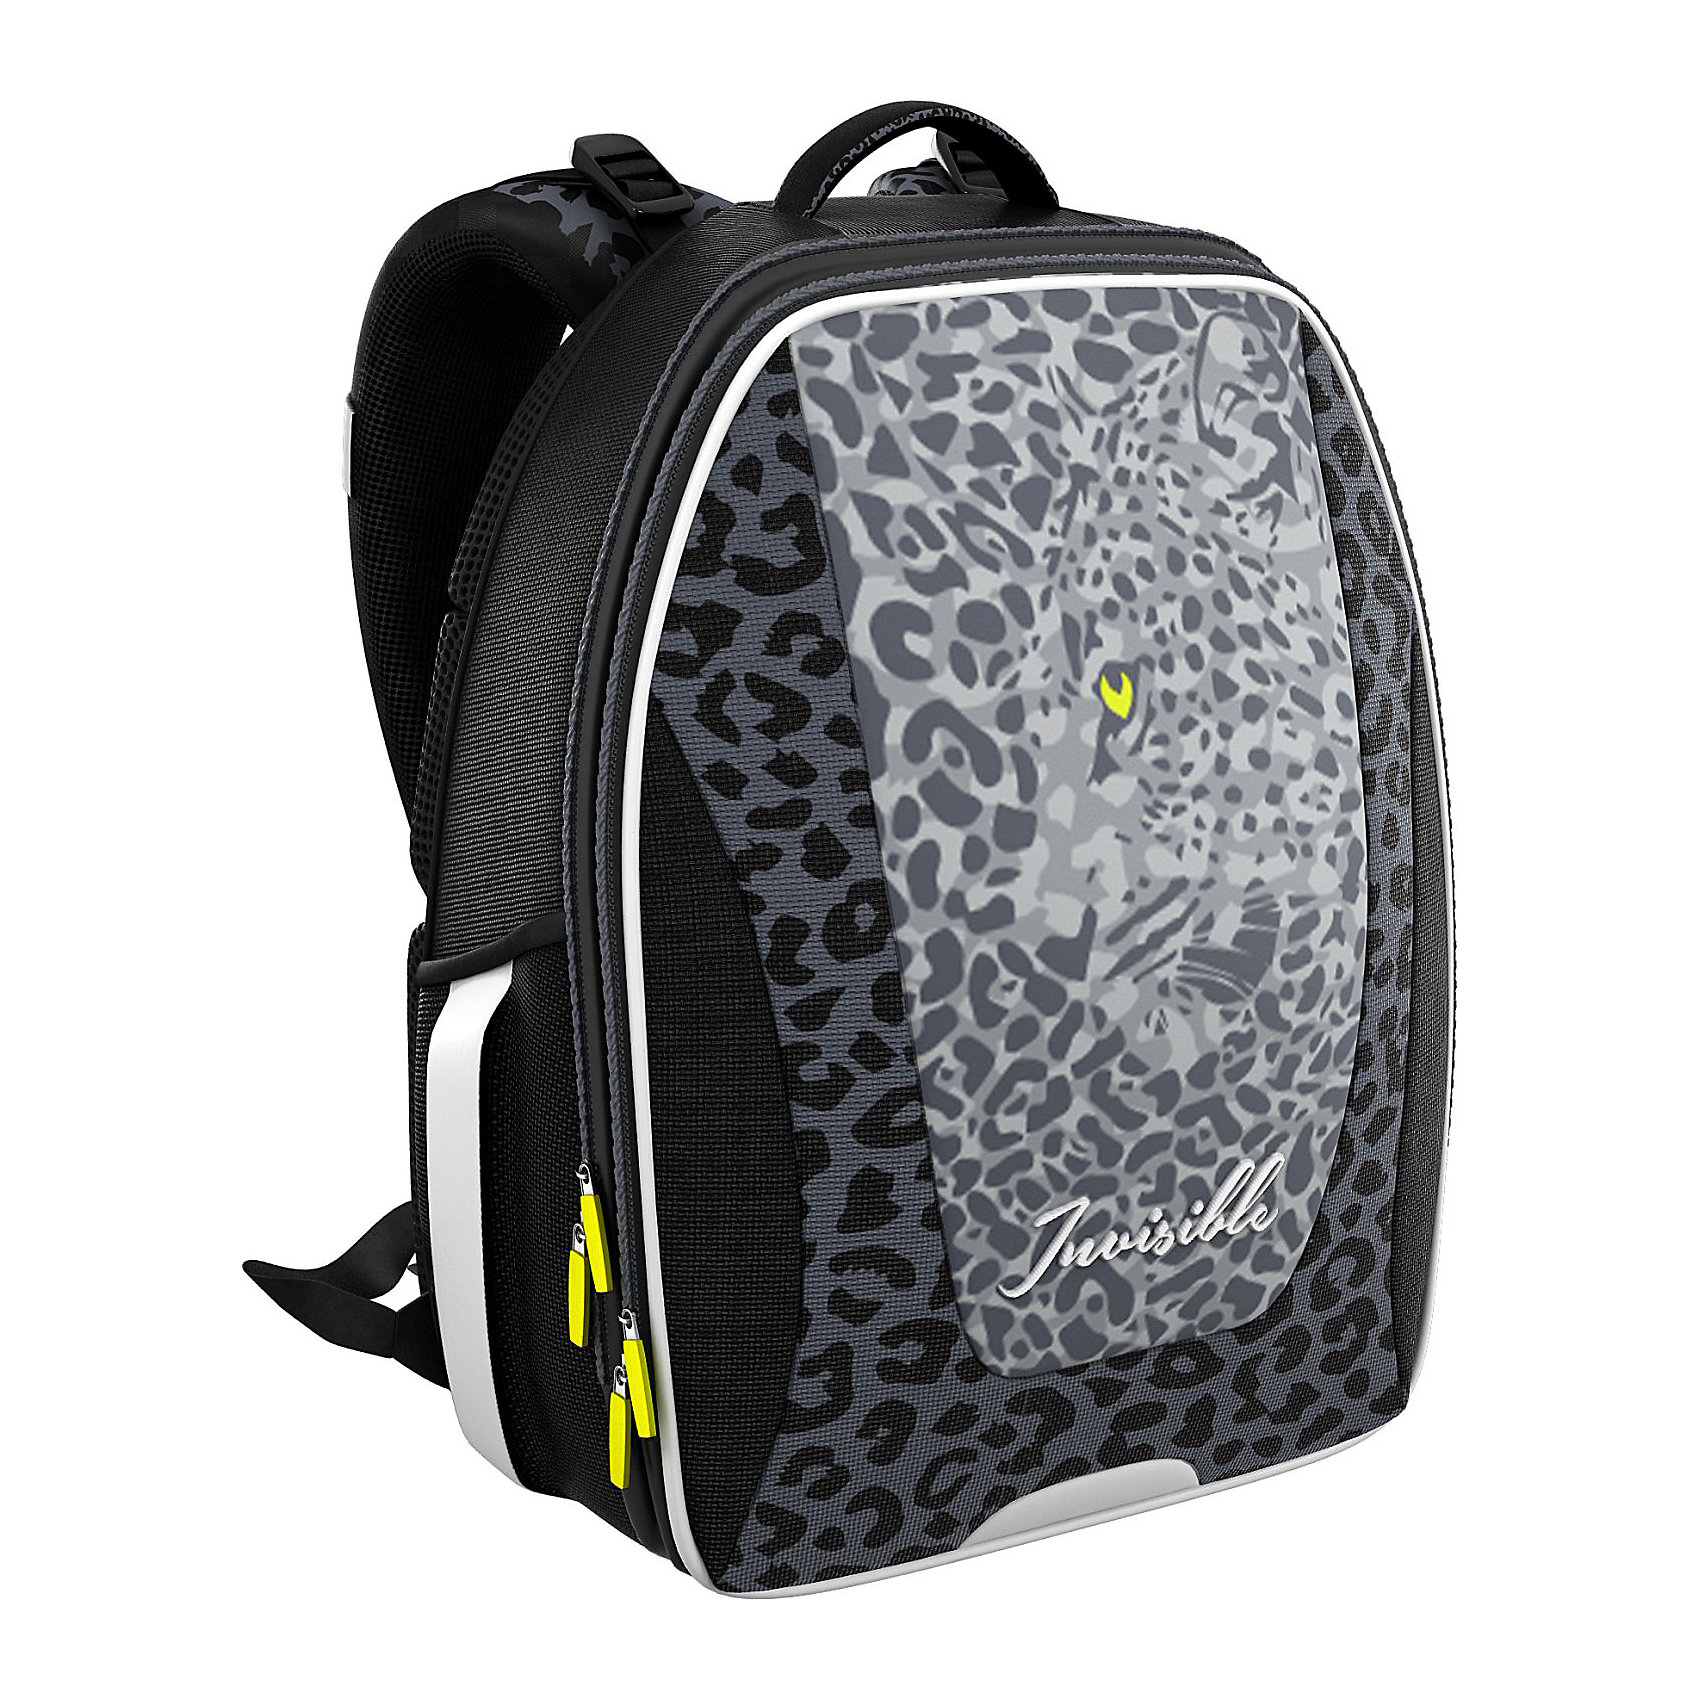 Рюкзак школьный Erich Krauseс эргономичной спинкой LeopardРюкзаки<br>Характеристики товара:<br><br>• серия: Multi Pack<br>• коллекция:  Leopard <br>• для средней и старшей школы<br>• цвет: черный, серый<br>• материал: полиэстер, пластик<br>• спинка: эргономичная<br>• размер изделия: 40x32x18 см<br>• вес в кг: 820гр<br>• страна бренда: Германия<br>• страна изготовитель: Китай<br><br>Рюкзак ErichKrause Multi Pack - вместительный и удобный школьный рюкзак с твердой спинкой. <br><br>Во внутреннем отделении помещаются папки формата А4. Внутри имеется органайзер для канцелярских принадлежностей и небольшой кармашек для телефона. Спереди один большой карман на молнии, по бокам 2 сетчатых кармашка.<br><br>Эргономичная спинка поддерживает спину прямо и препятствует развитию сколиоза. Конструкция повторяет изгиб позвоночника, делая максимально комфортным ношение рюкзака. <br><br>Светоотражающие вставки гарантируют видимость на темной дороге.<br><br>Erich Krause Рюкзак школьный  с эргономичной спинкой Leopard можно купить в нашем интернет-магазине.<br><br>Ширина мм: 370<br>Глубина мм: 290<br>Высота мм: 190<br>Вес г: 1415<br>Возраст от месяцев: 72<br>Возраст до месяцев: 96<br>Пол: Женский<br>Возраст: Детский<br>SKU: 6842698